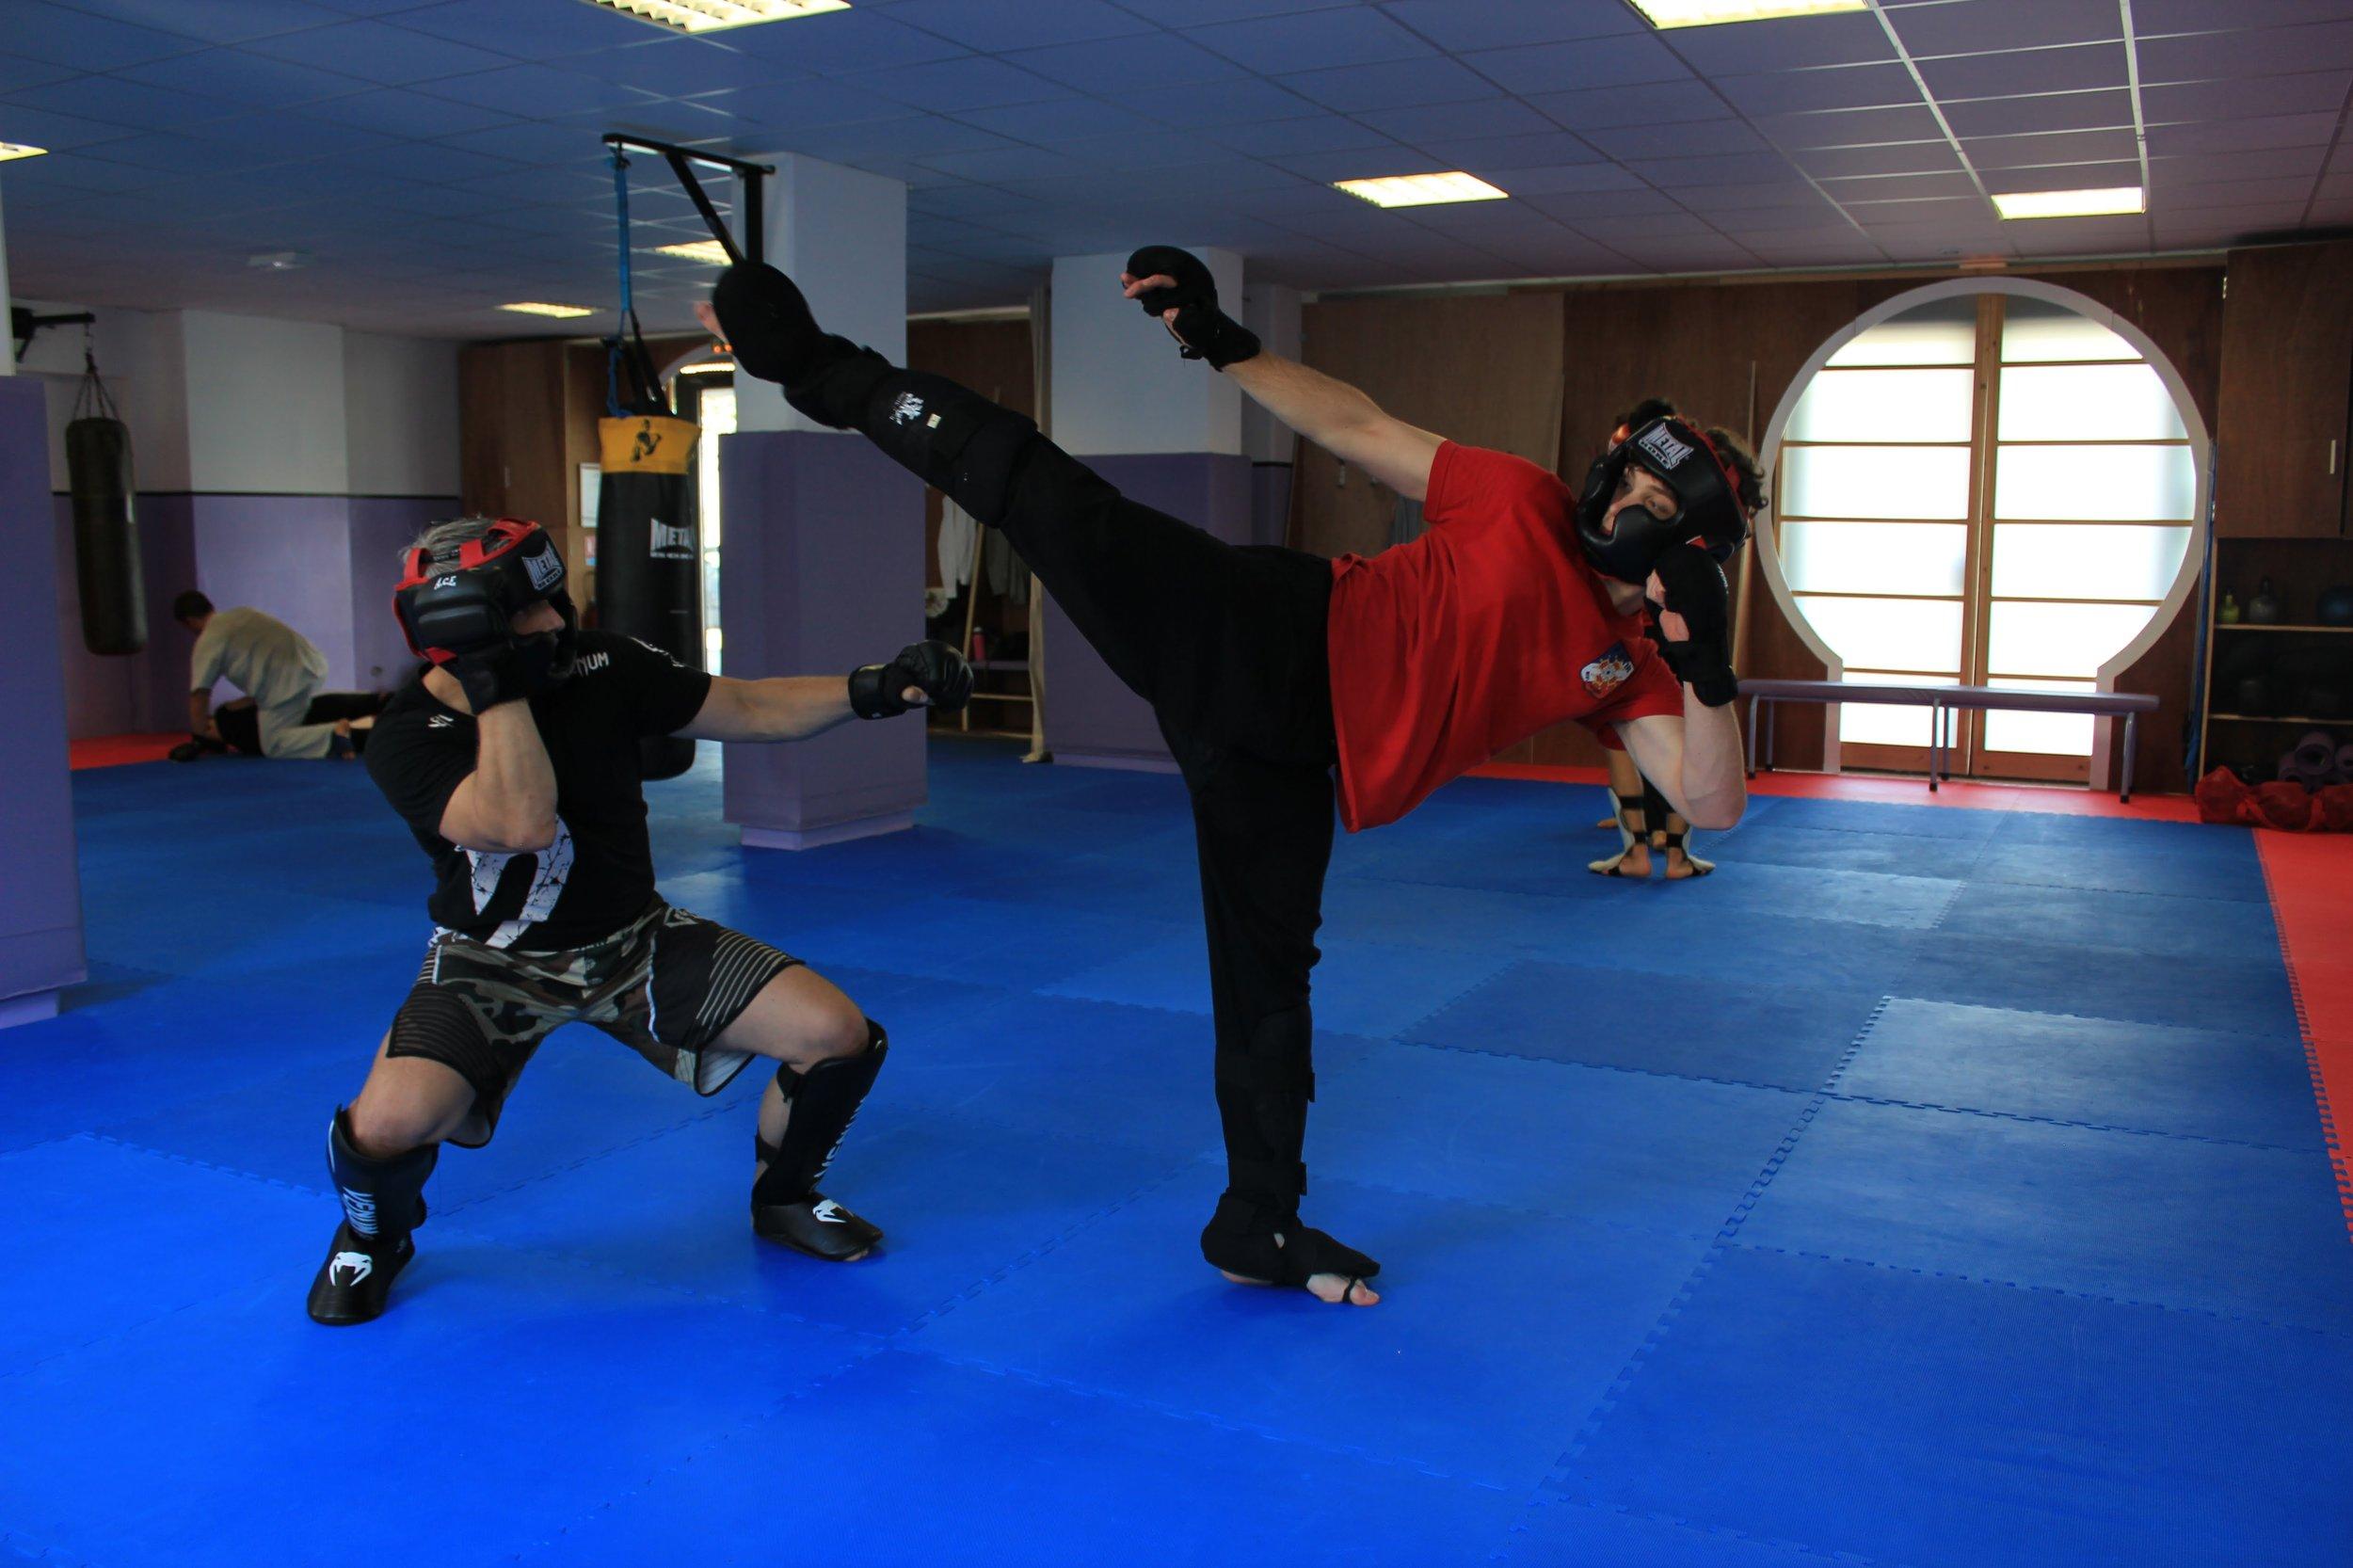 Sport de combat : boxe libre pieds poings, self défense et jeux de contact au Centre Thiêu Lâm.